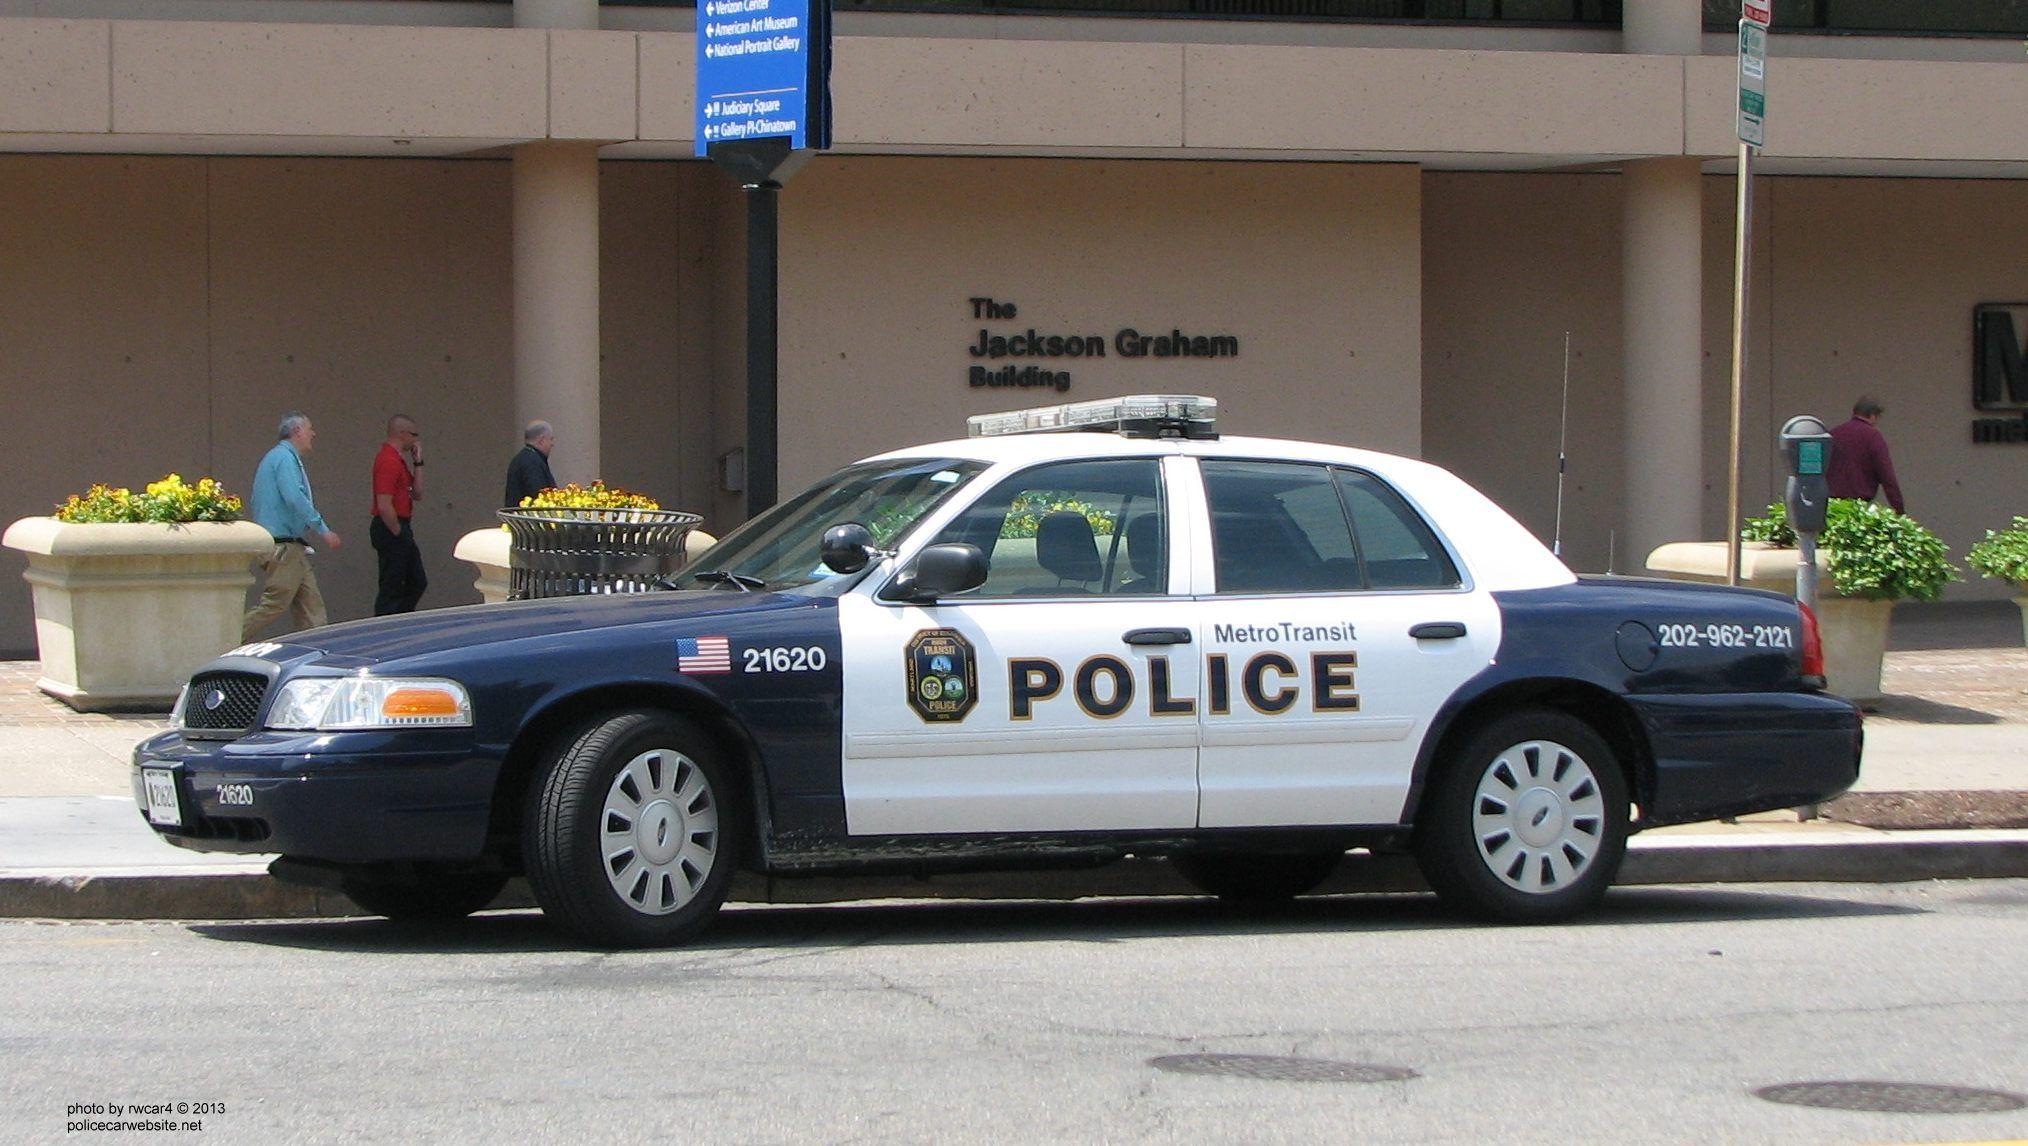 Washington Dc Transit Police Carro De Policia Policia Carros